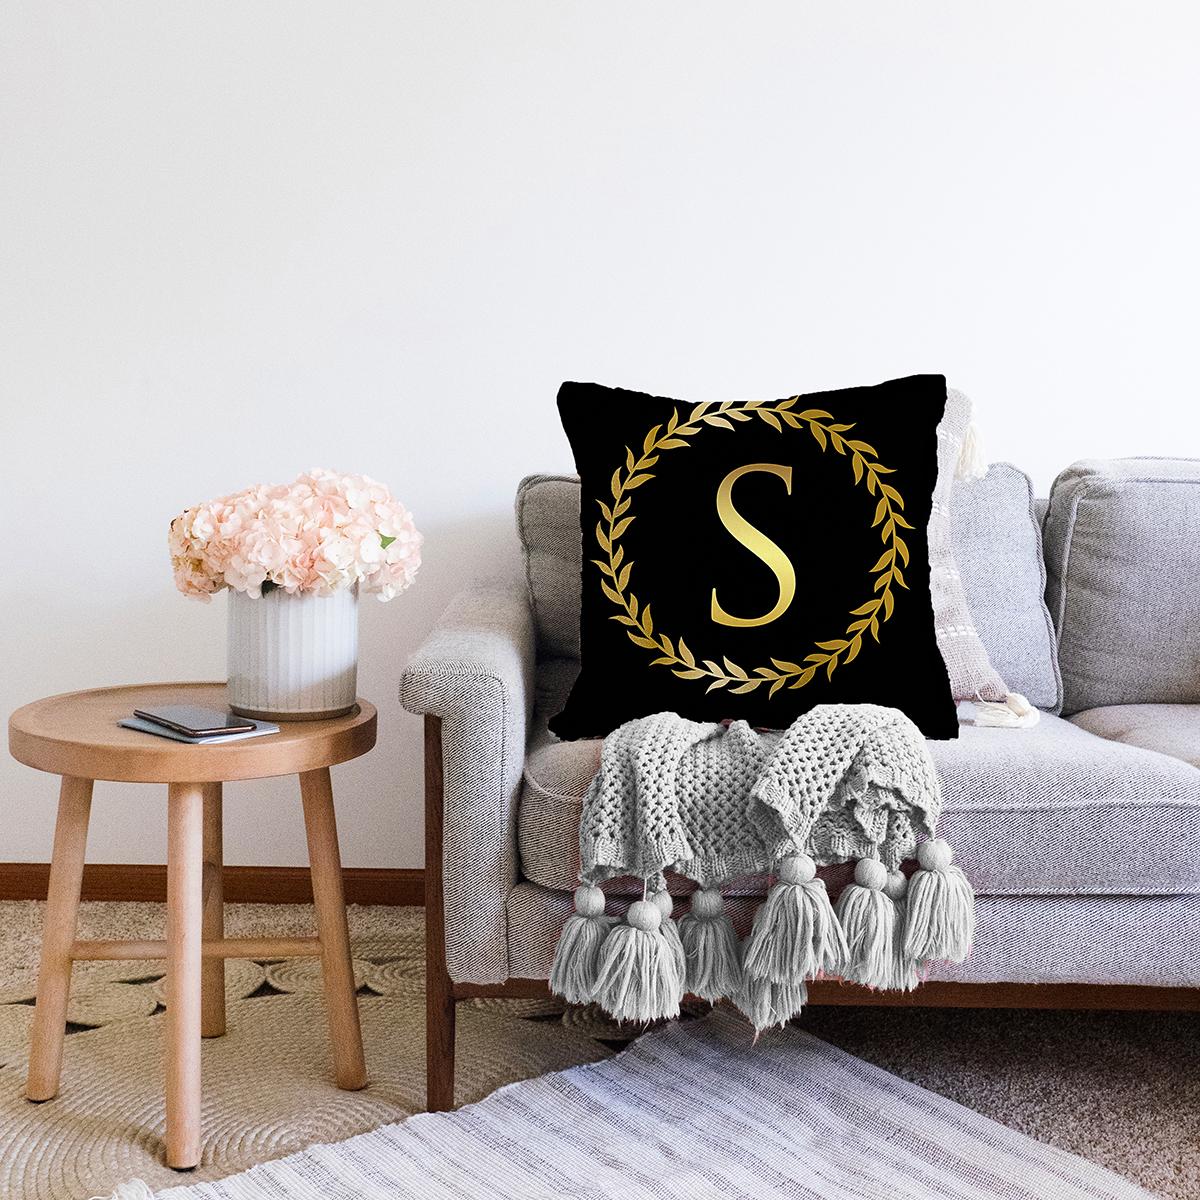 Siyah Zemin Gold Yaprak Çerçeveli S Harfi Özel Tasarım Dijital Baskılı Şönil Yastık Kırlent Kılıfı Realhomes